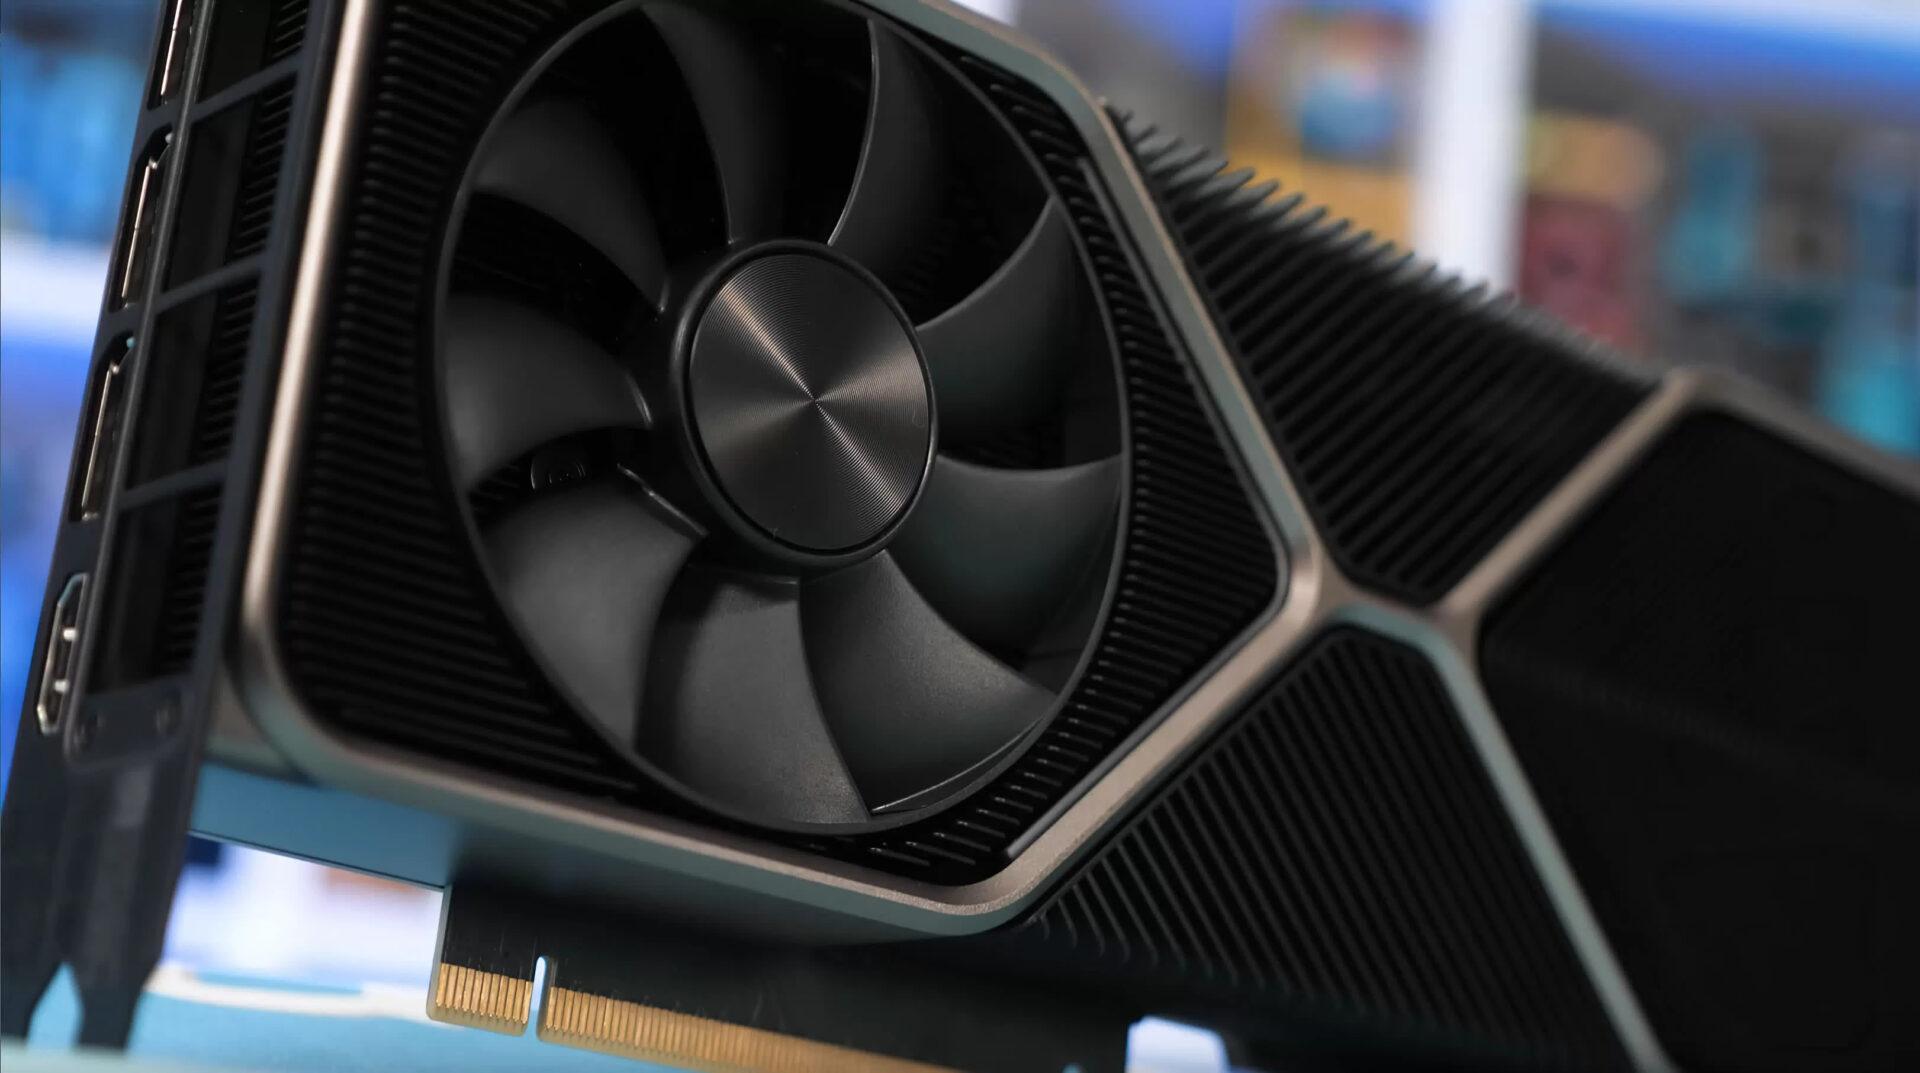 لأجهزة الكمبيوتر مصادر تؤكد أن بطاقة RTX 3080 Ti قادمة في شهر أبريل